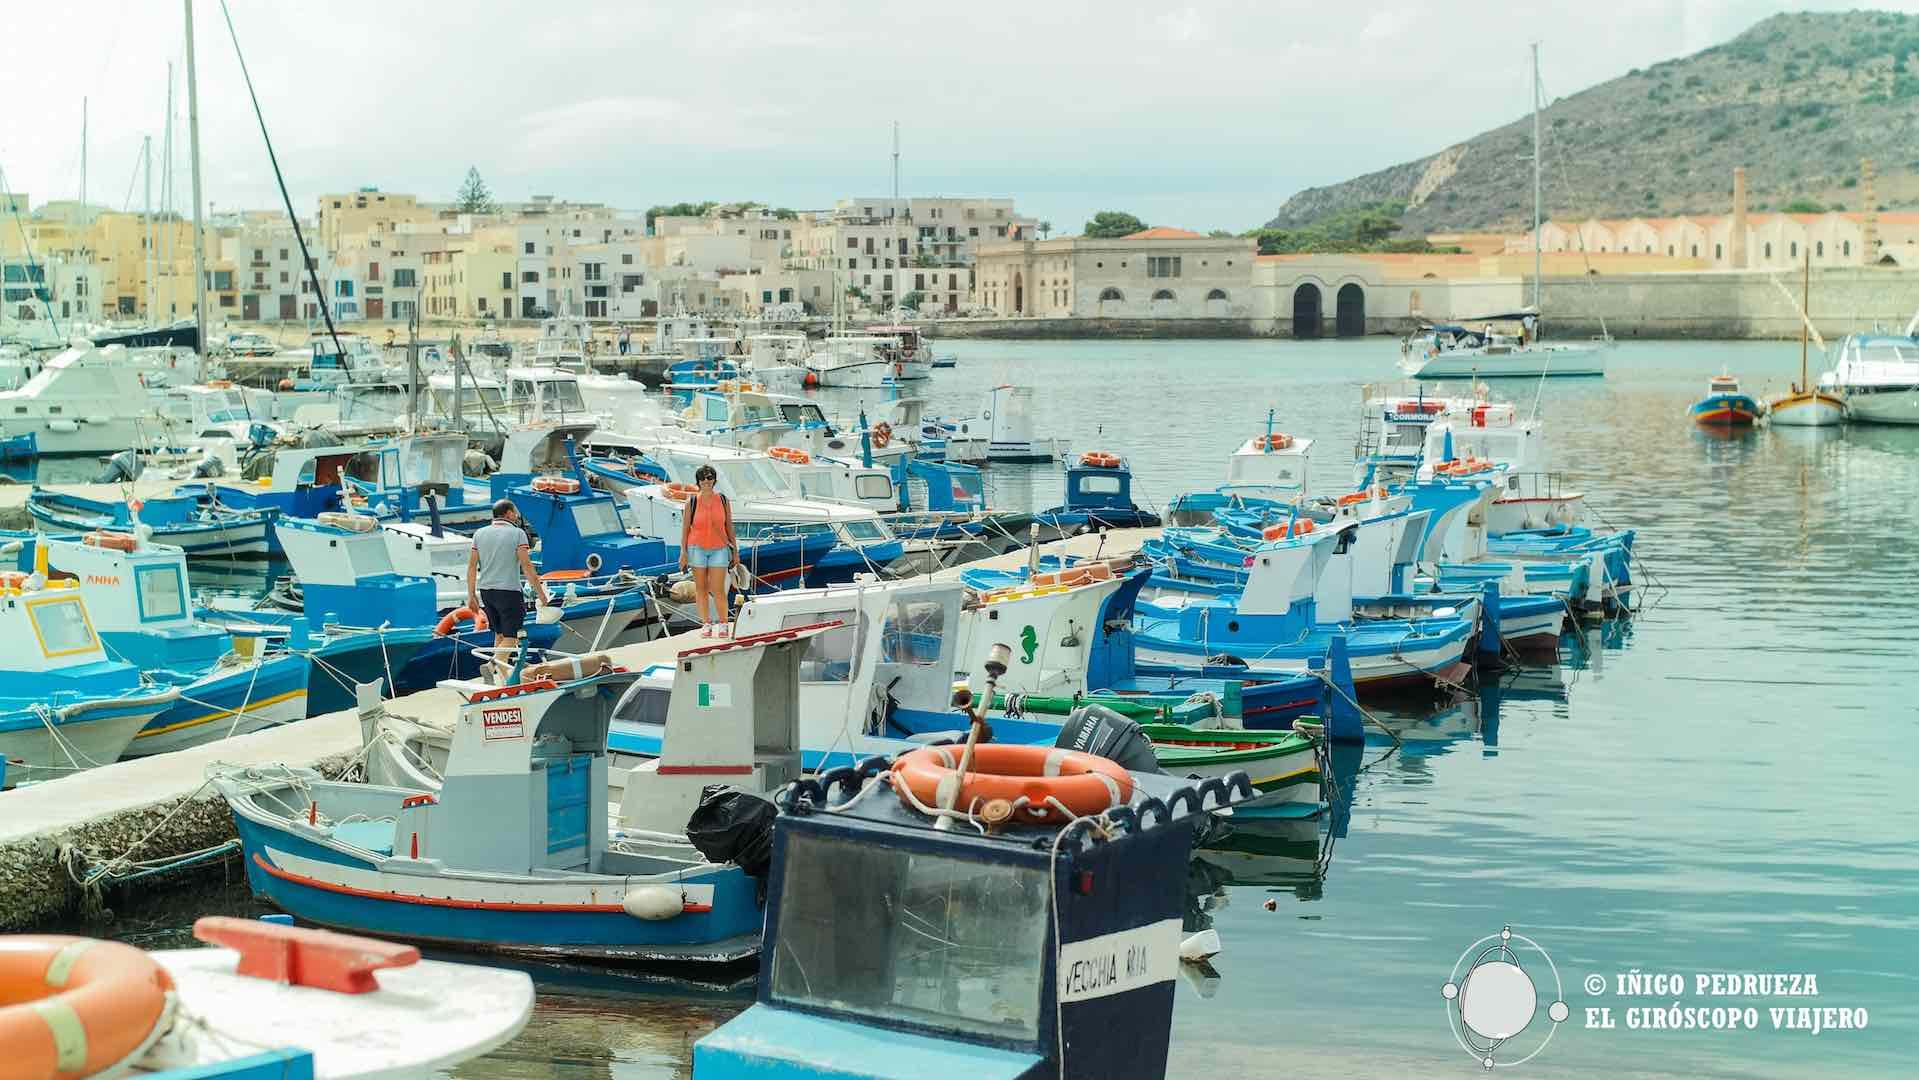 Favigana: llegada al puerto y tonnara al fondo